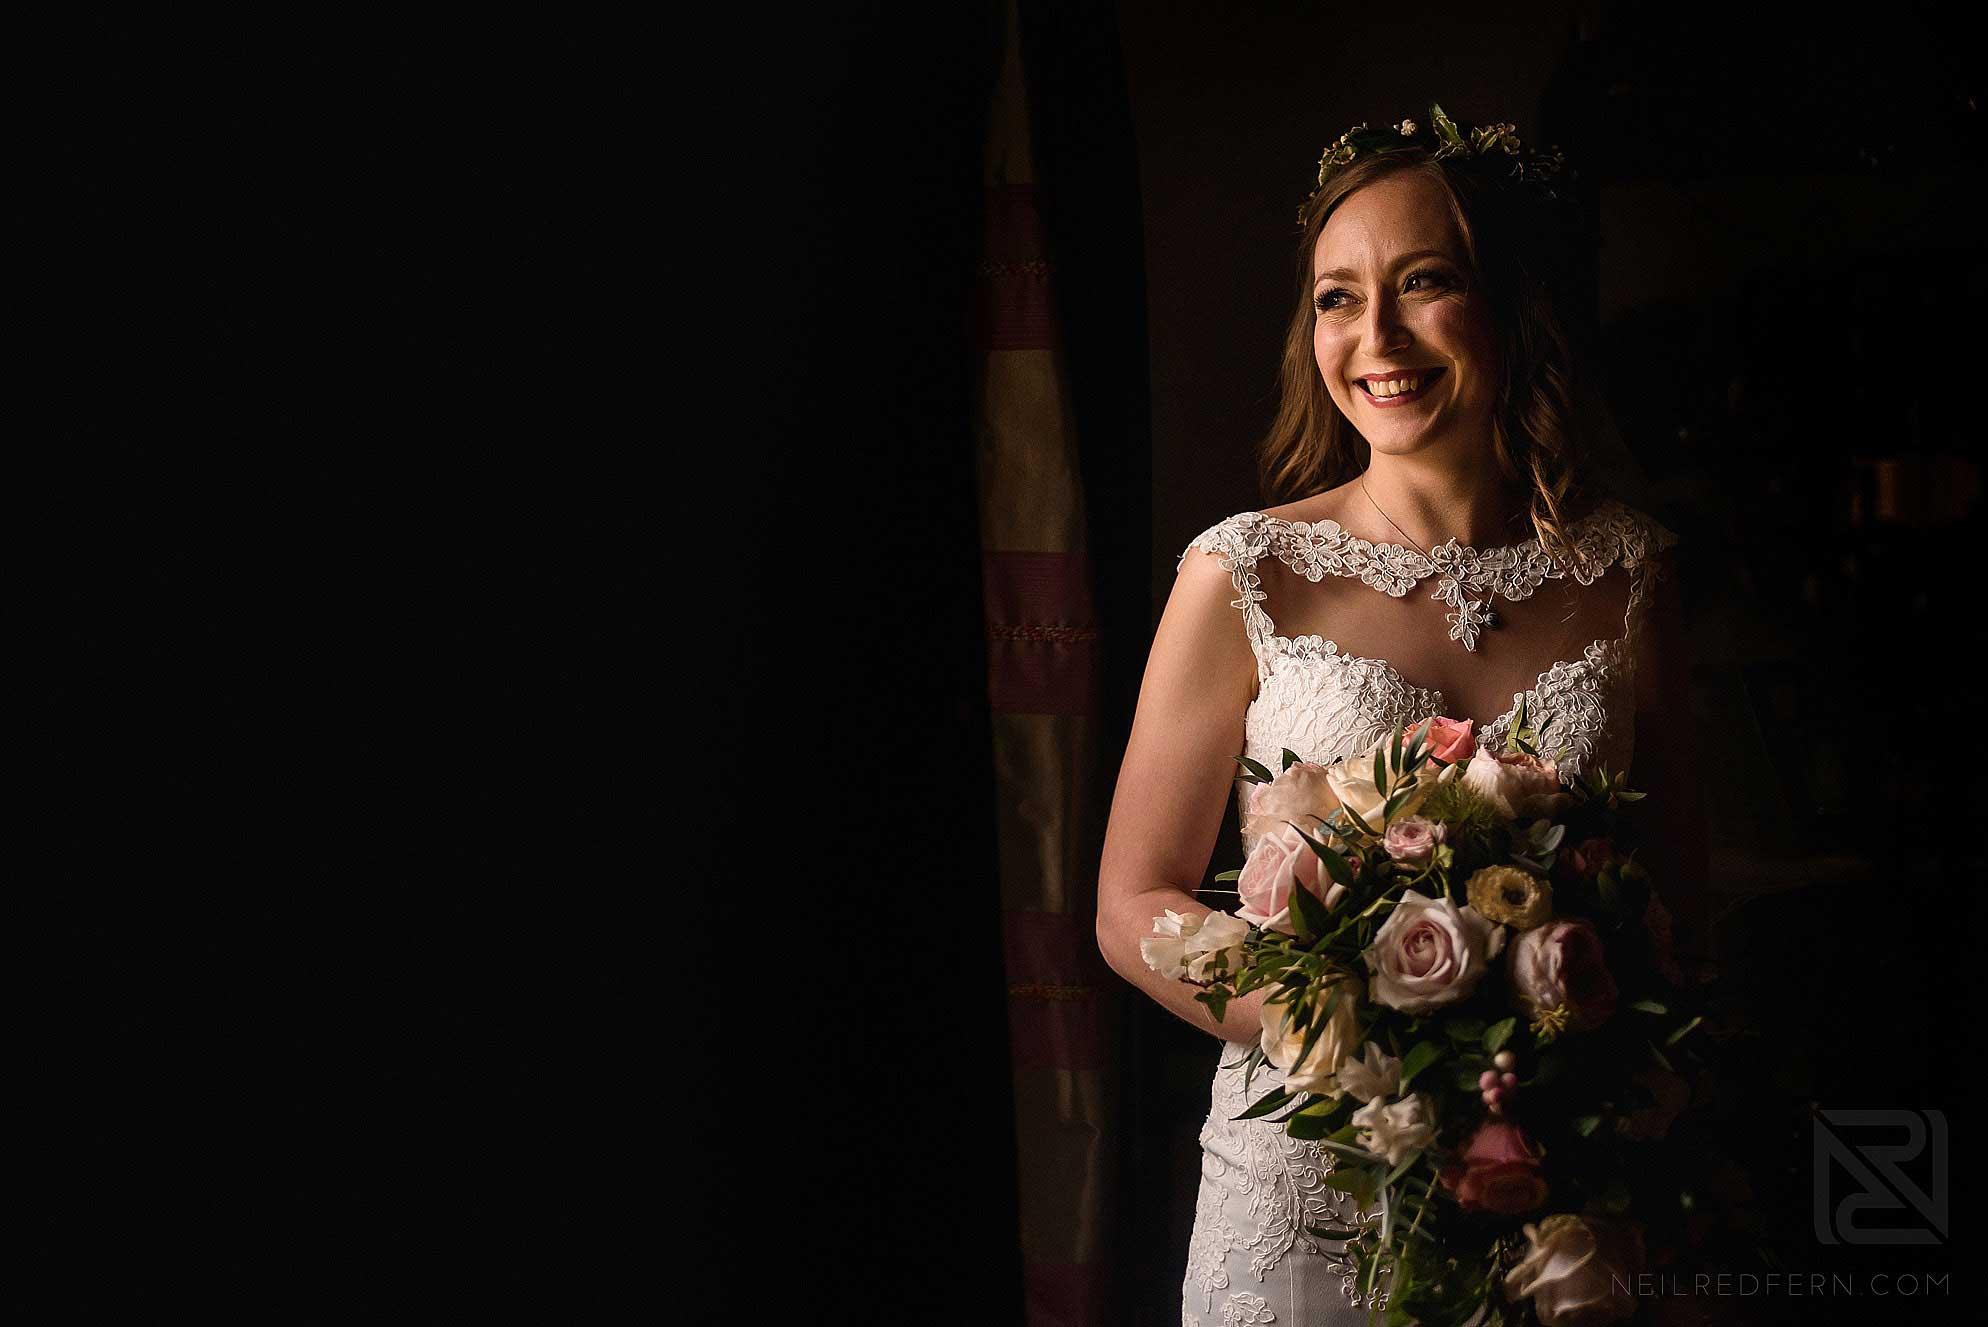 portrait of bride by window